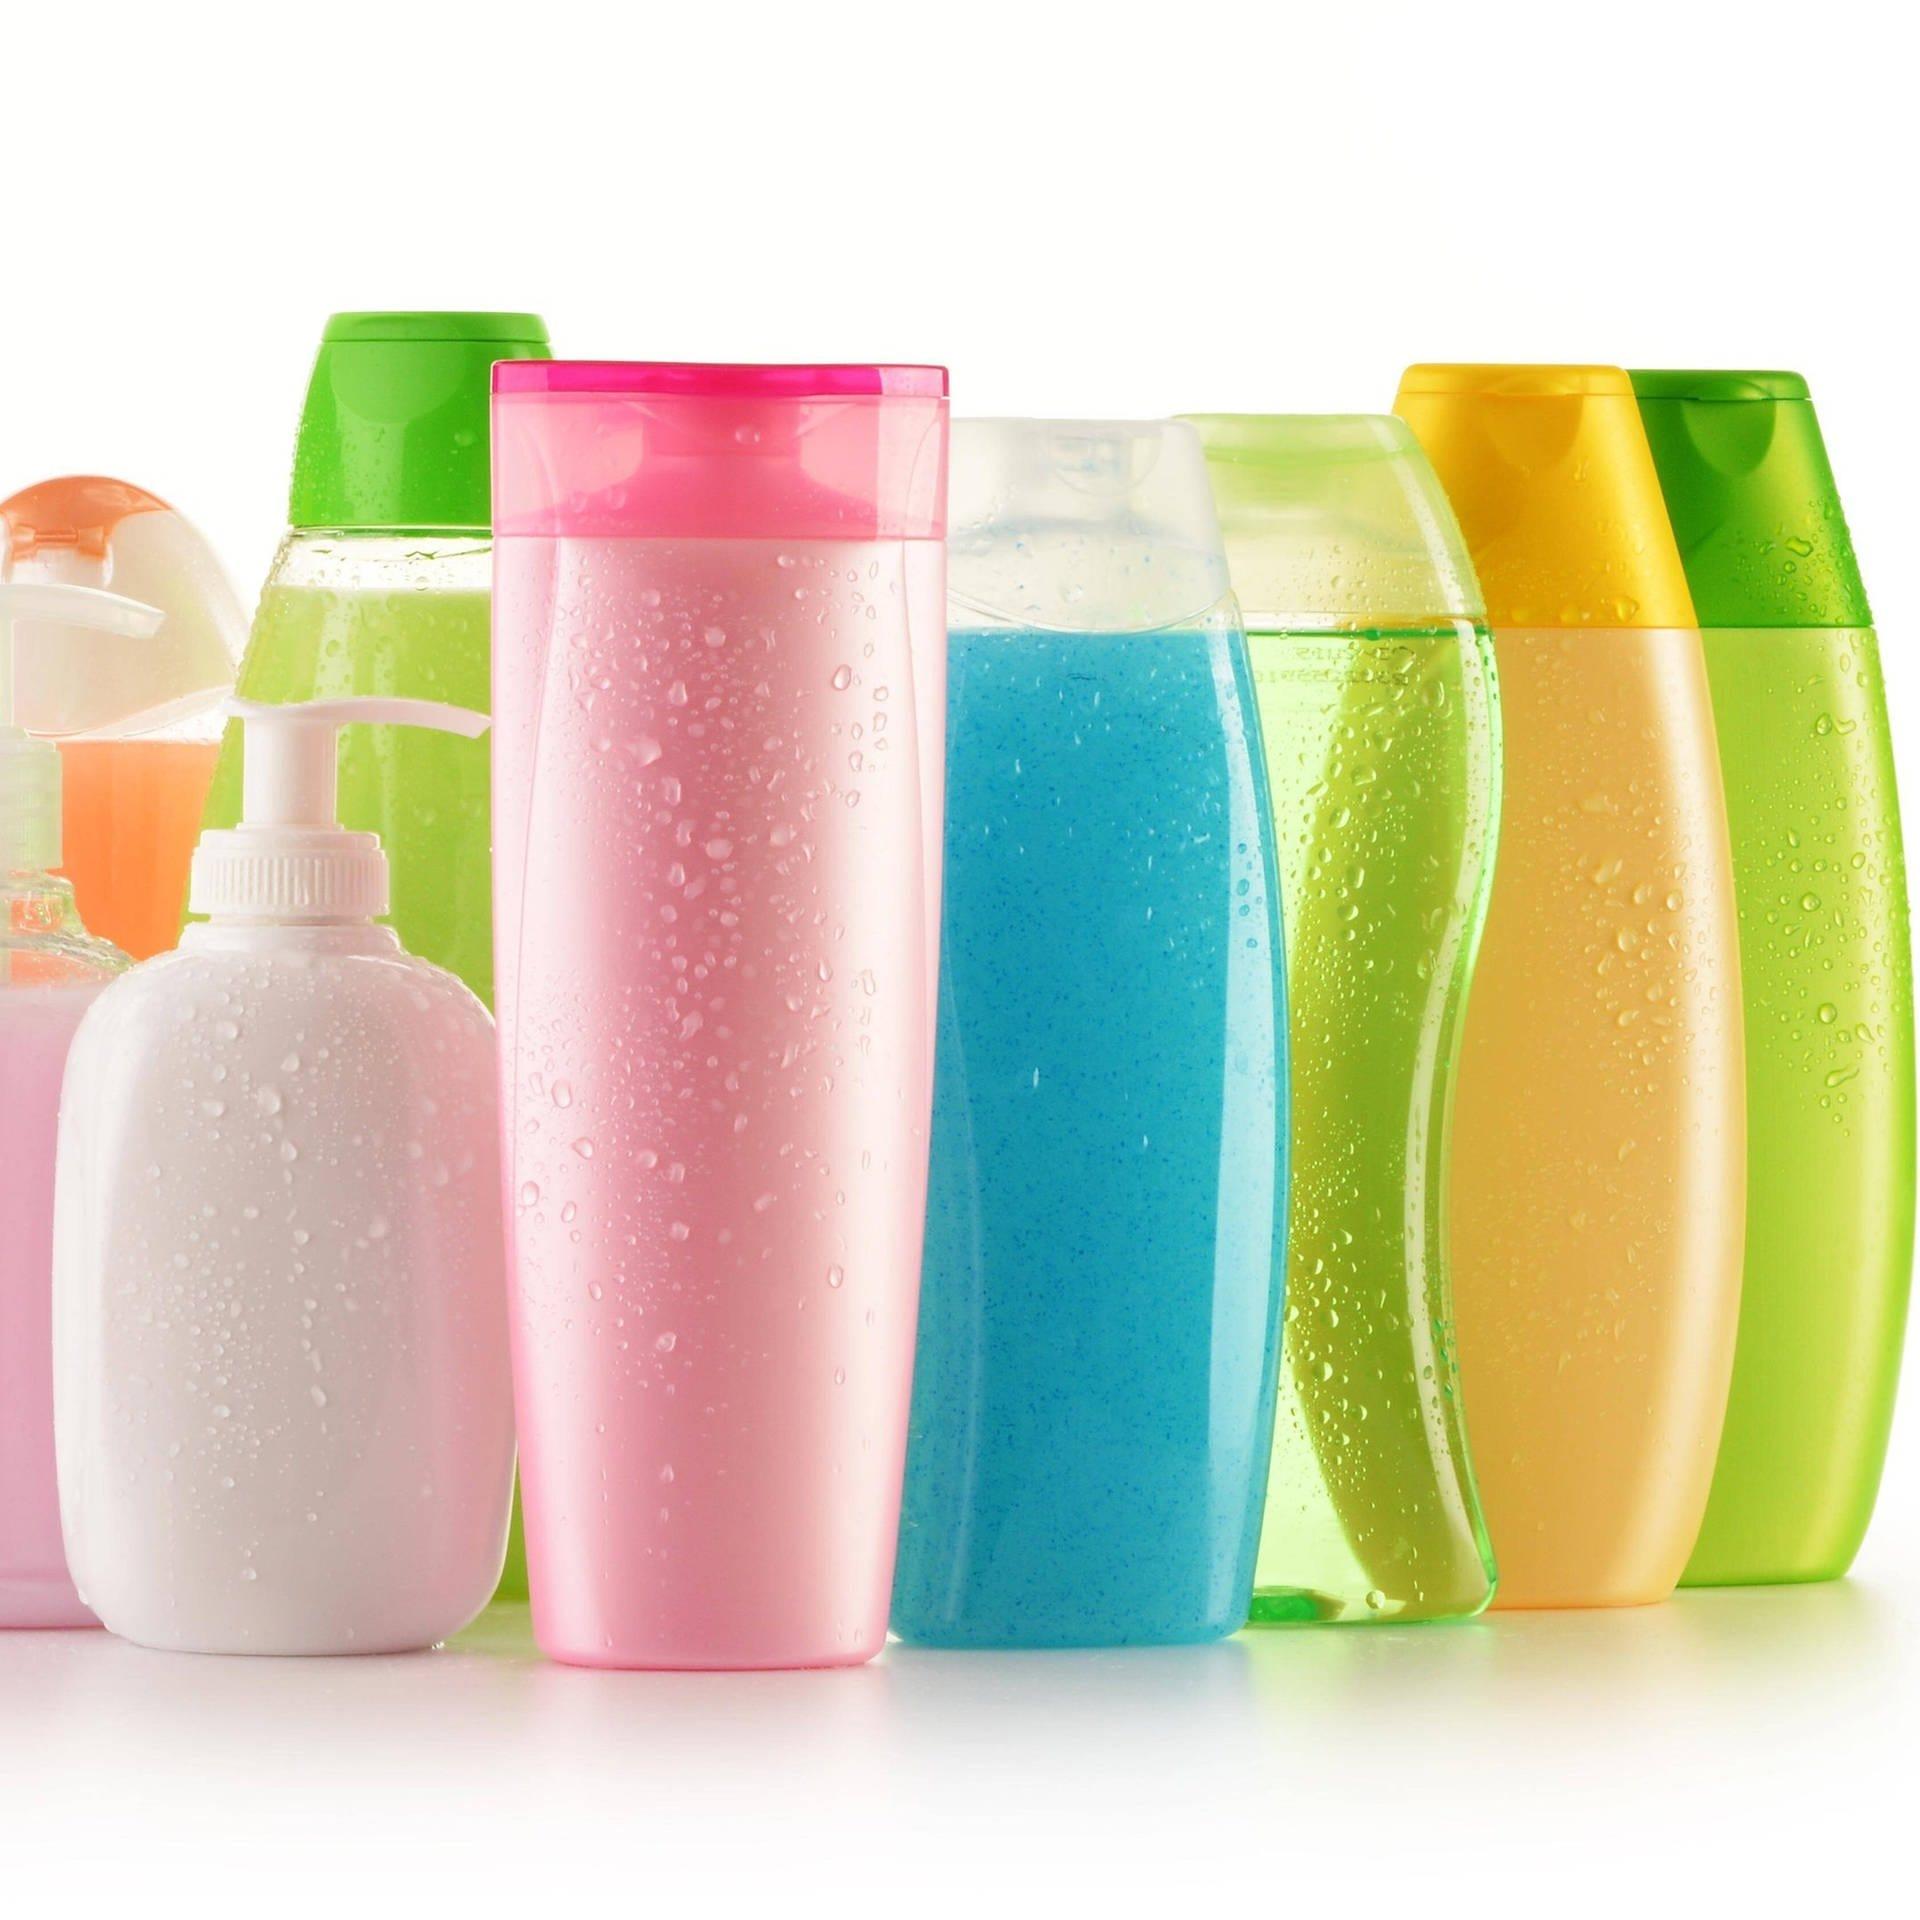 Gefahr in Plastik und Kosmetik – Wenn Chemikalien wie Hormone wirken